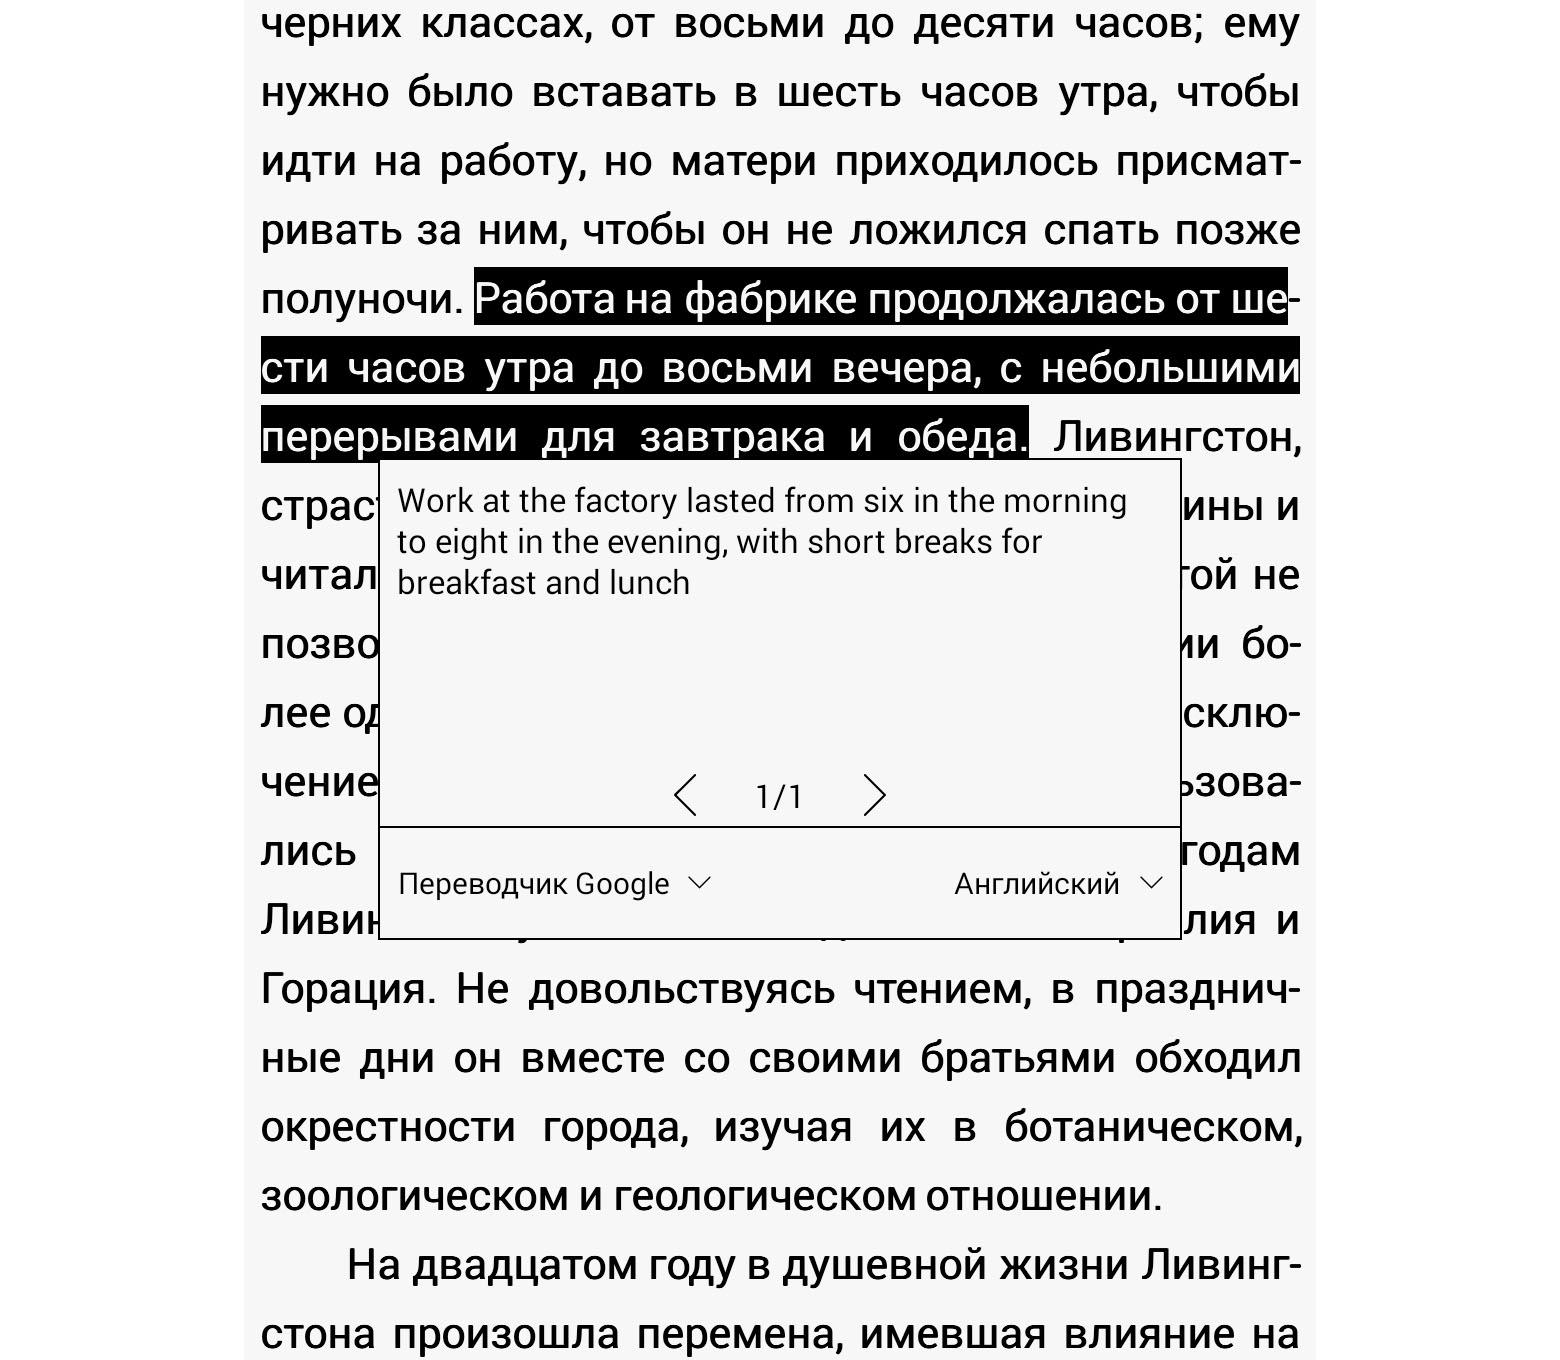 Перевод фраз на ONYX BOOX Livinstone